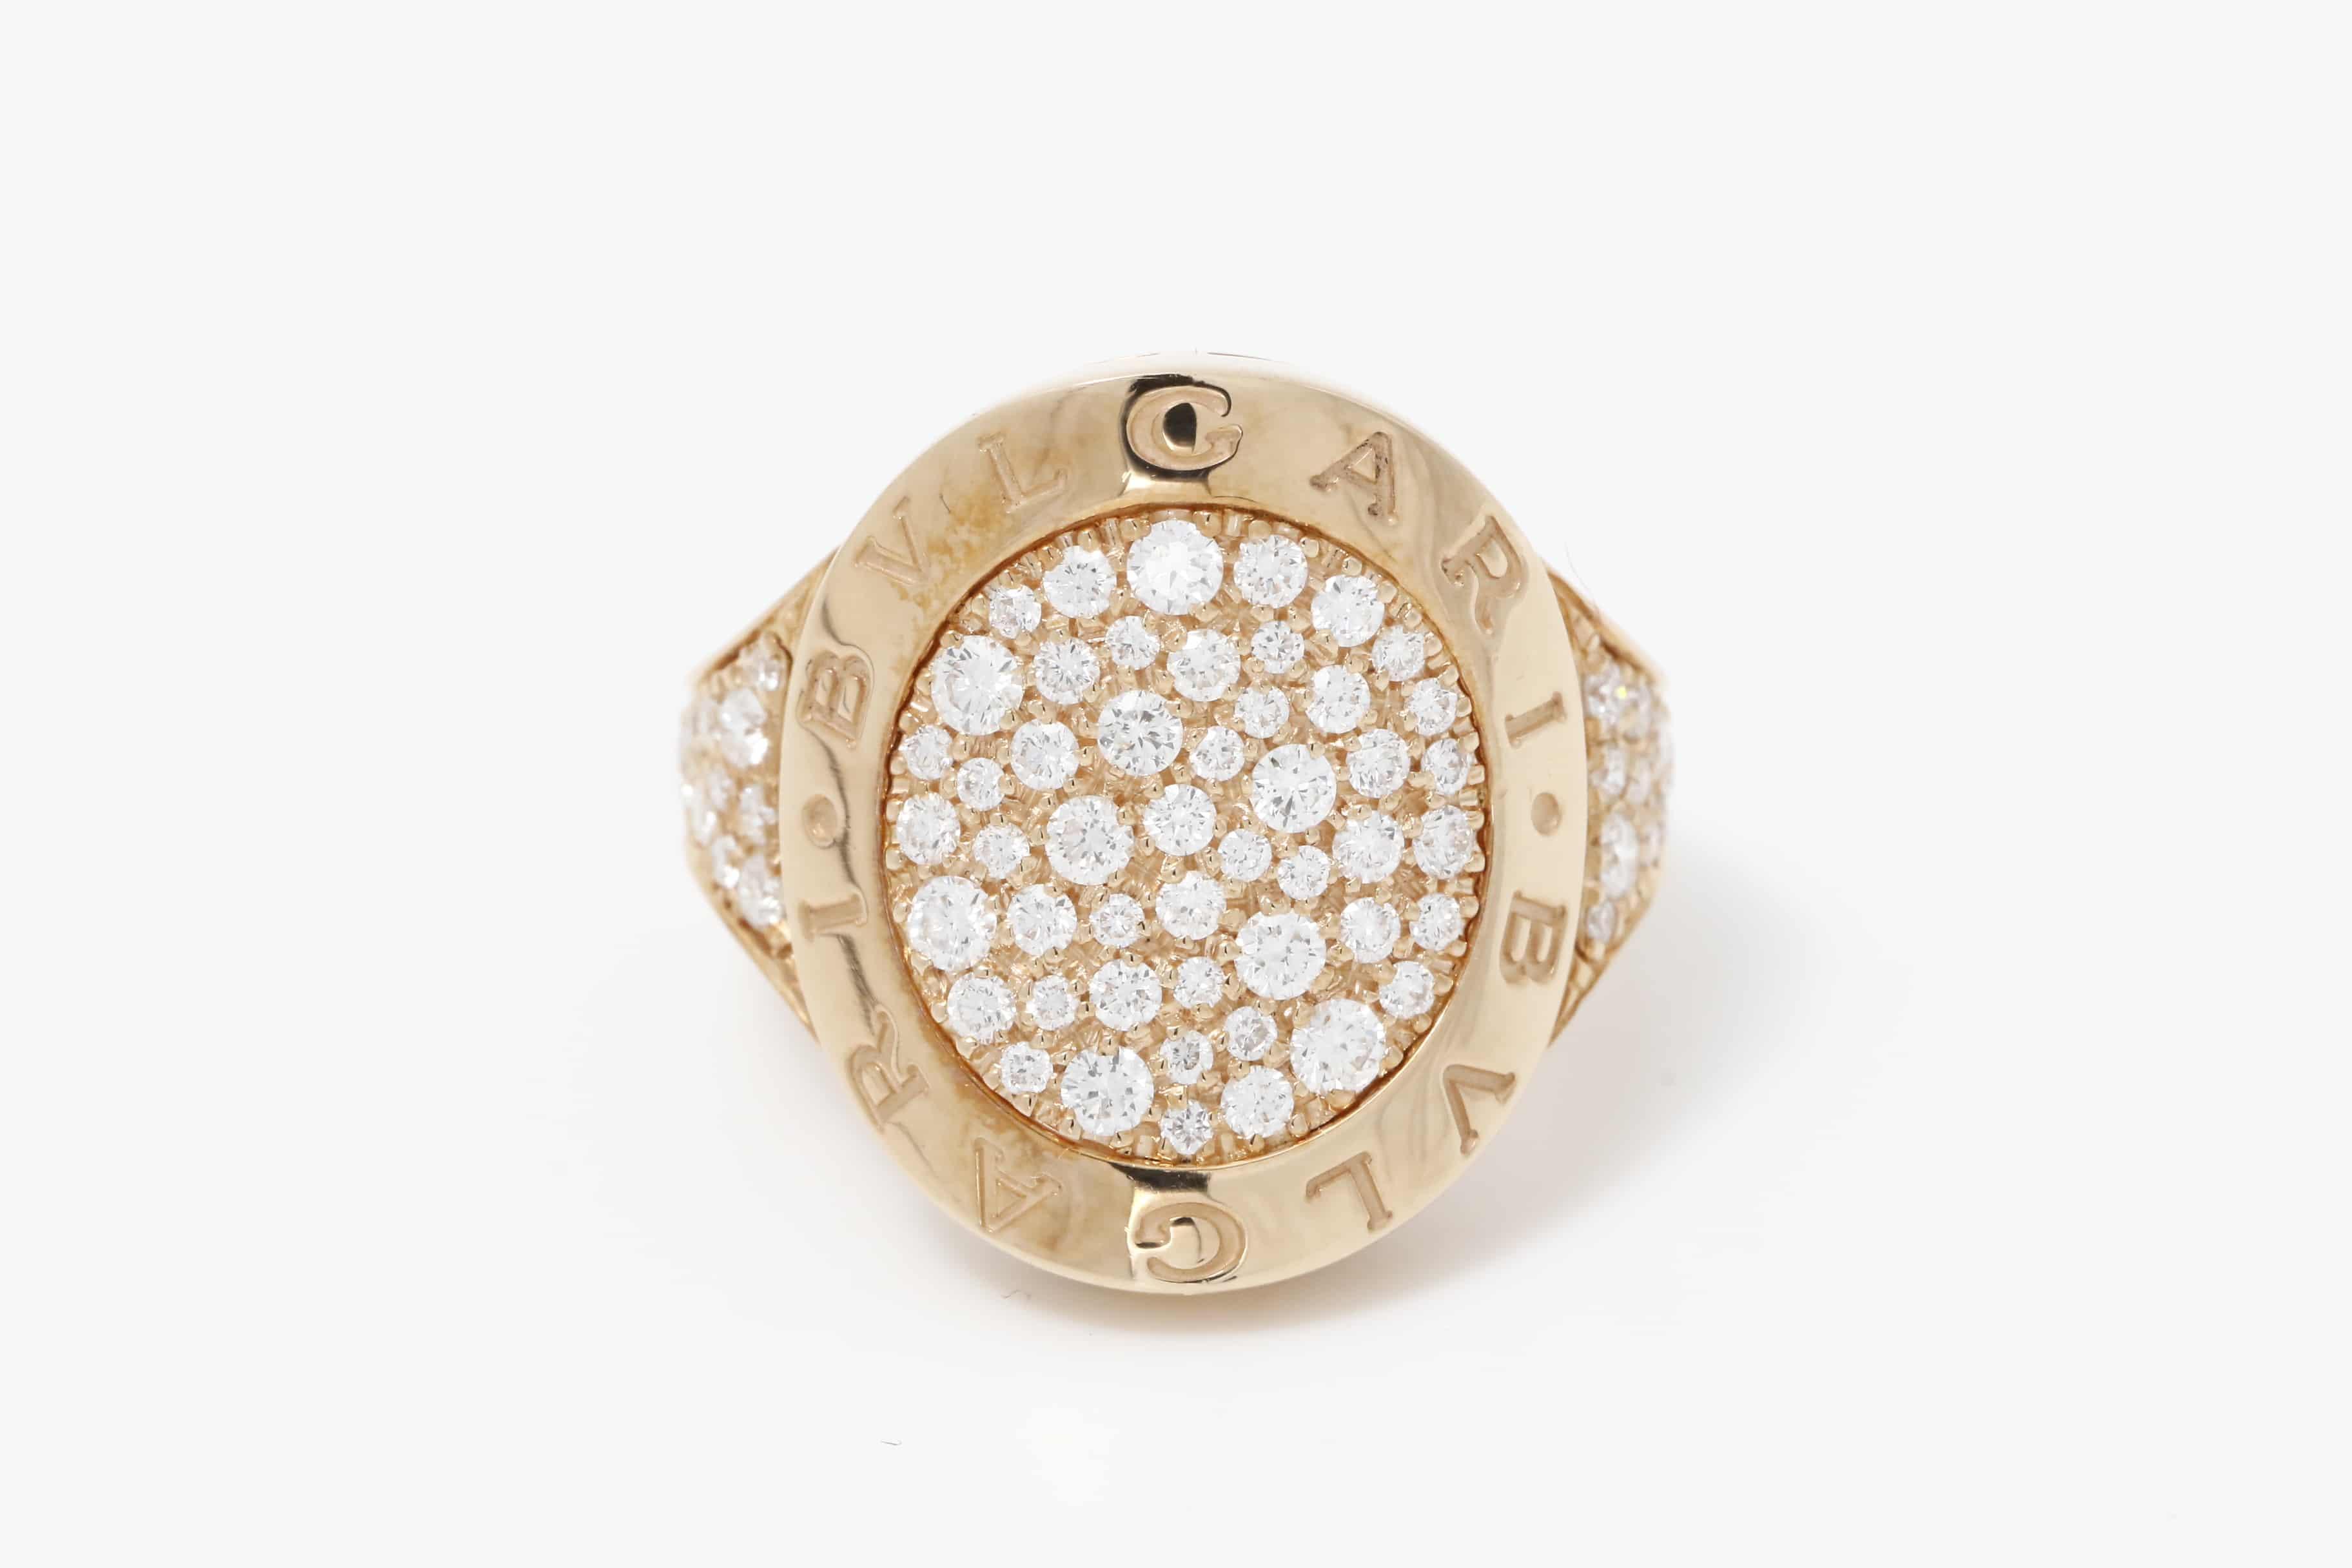 ブルガリ リヴァンティング ダイヤモンドリング